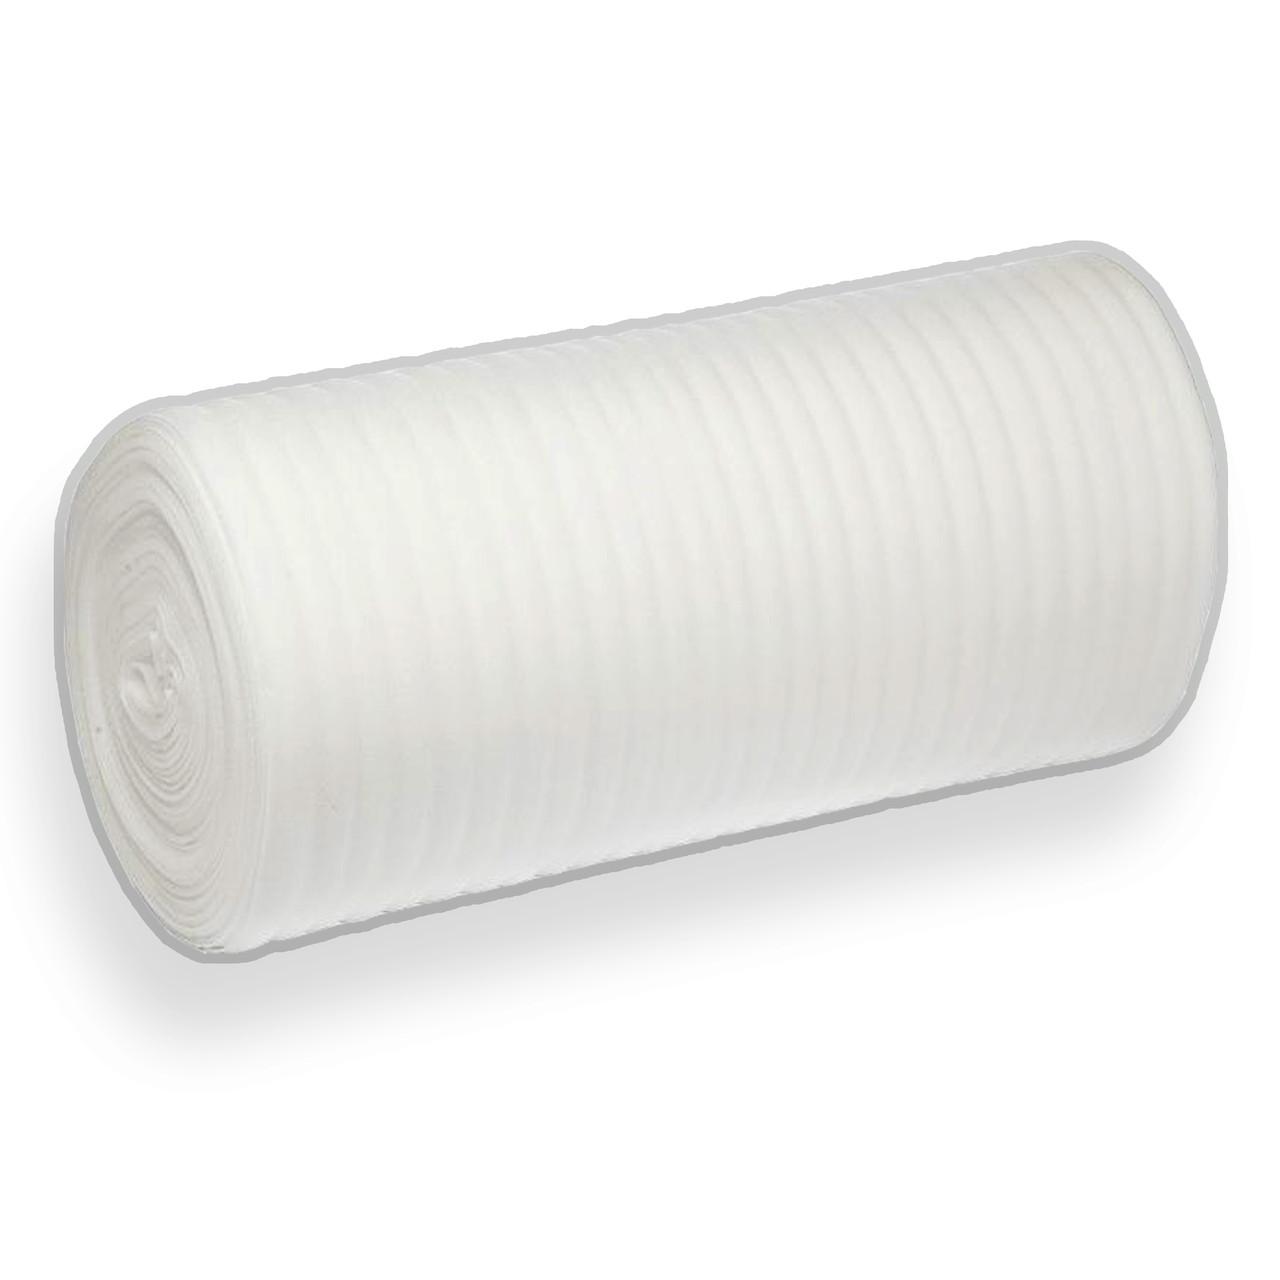 Изолон 4мм, вспененный полиэтилен - не сшитый